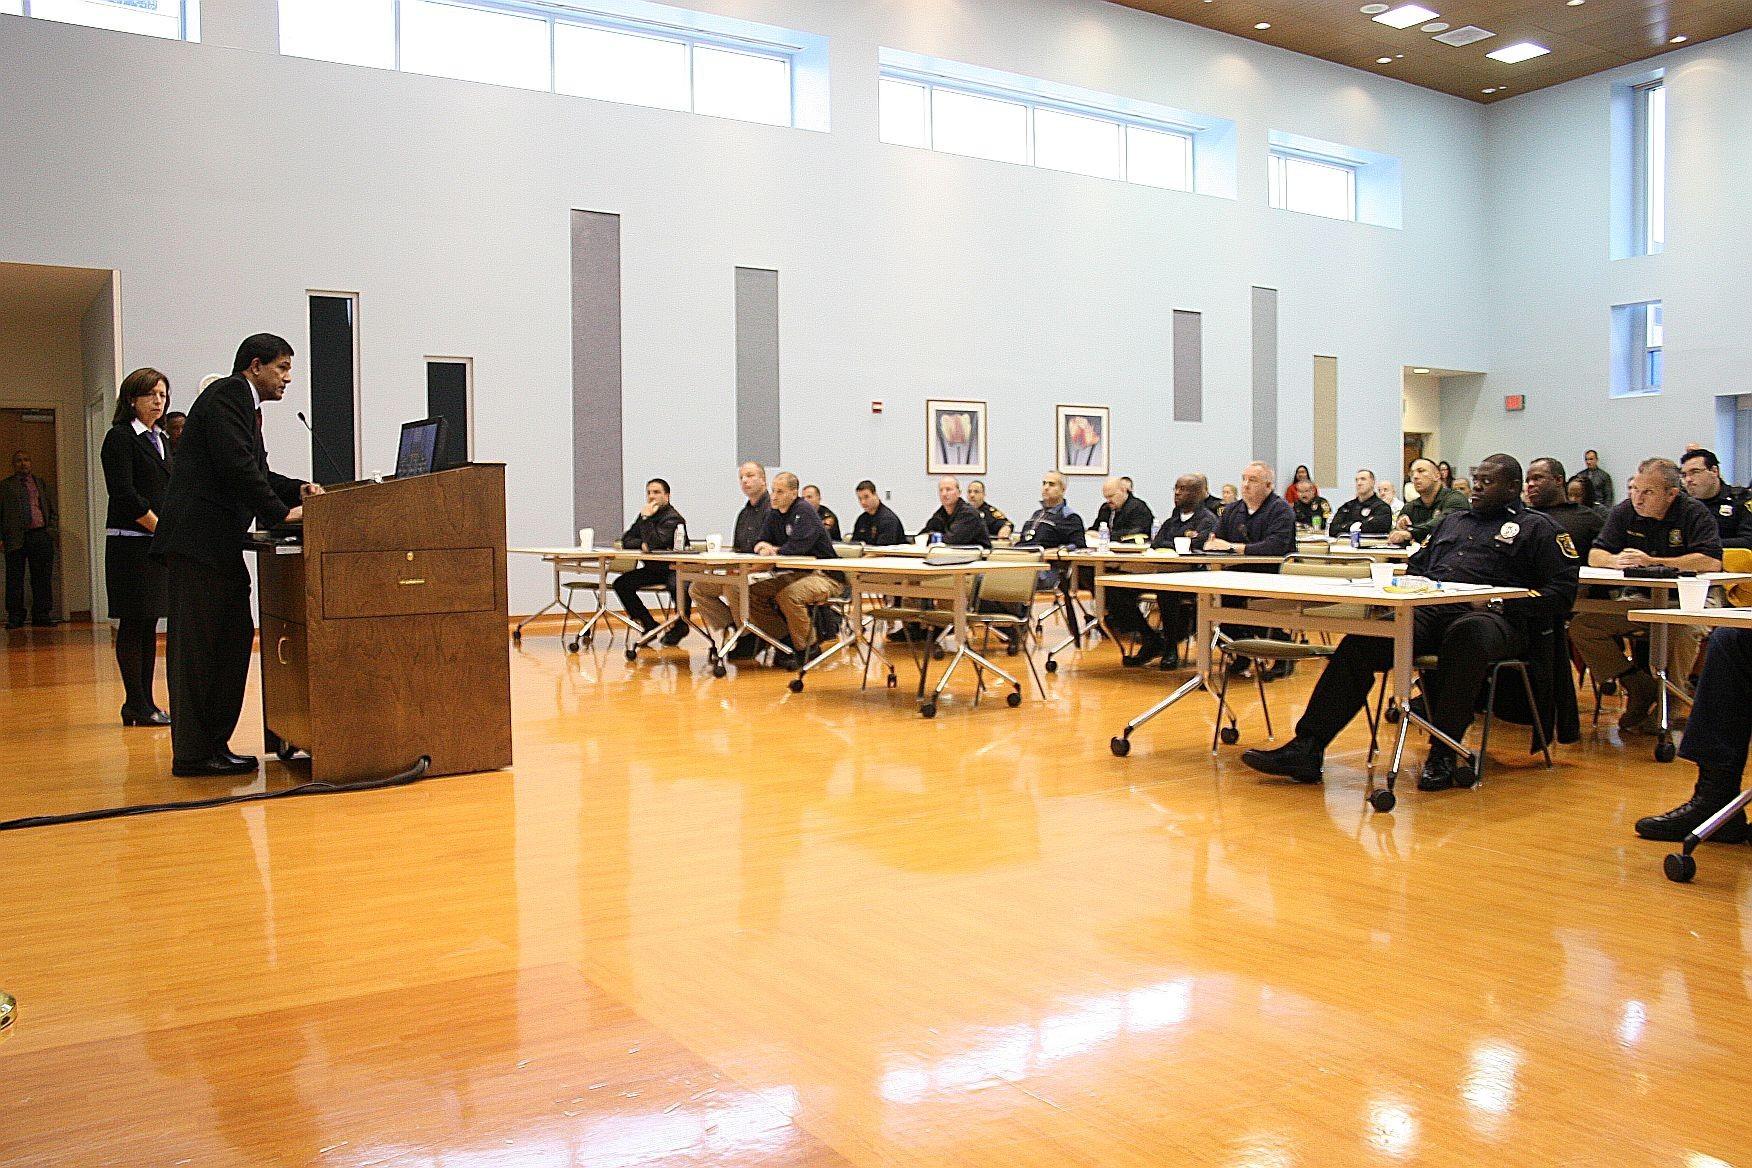 ee3607552ca268c29f6f_Essex_County_Prosecutor_Carolyn_Murray_at_Narcan_training.jpg